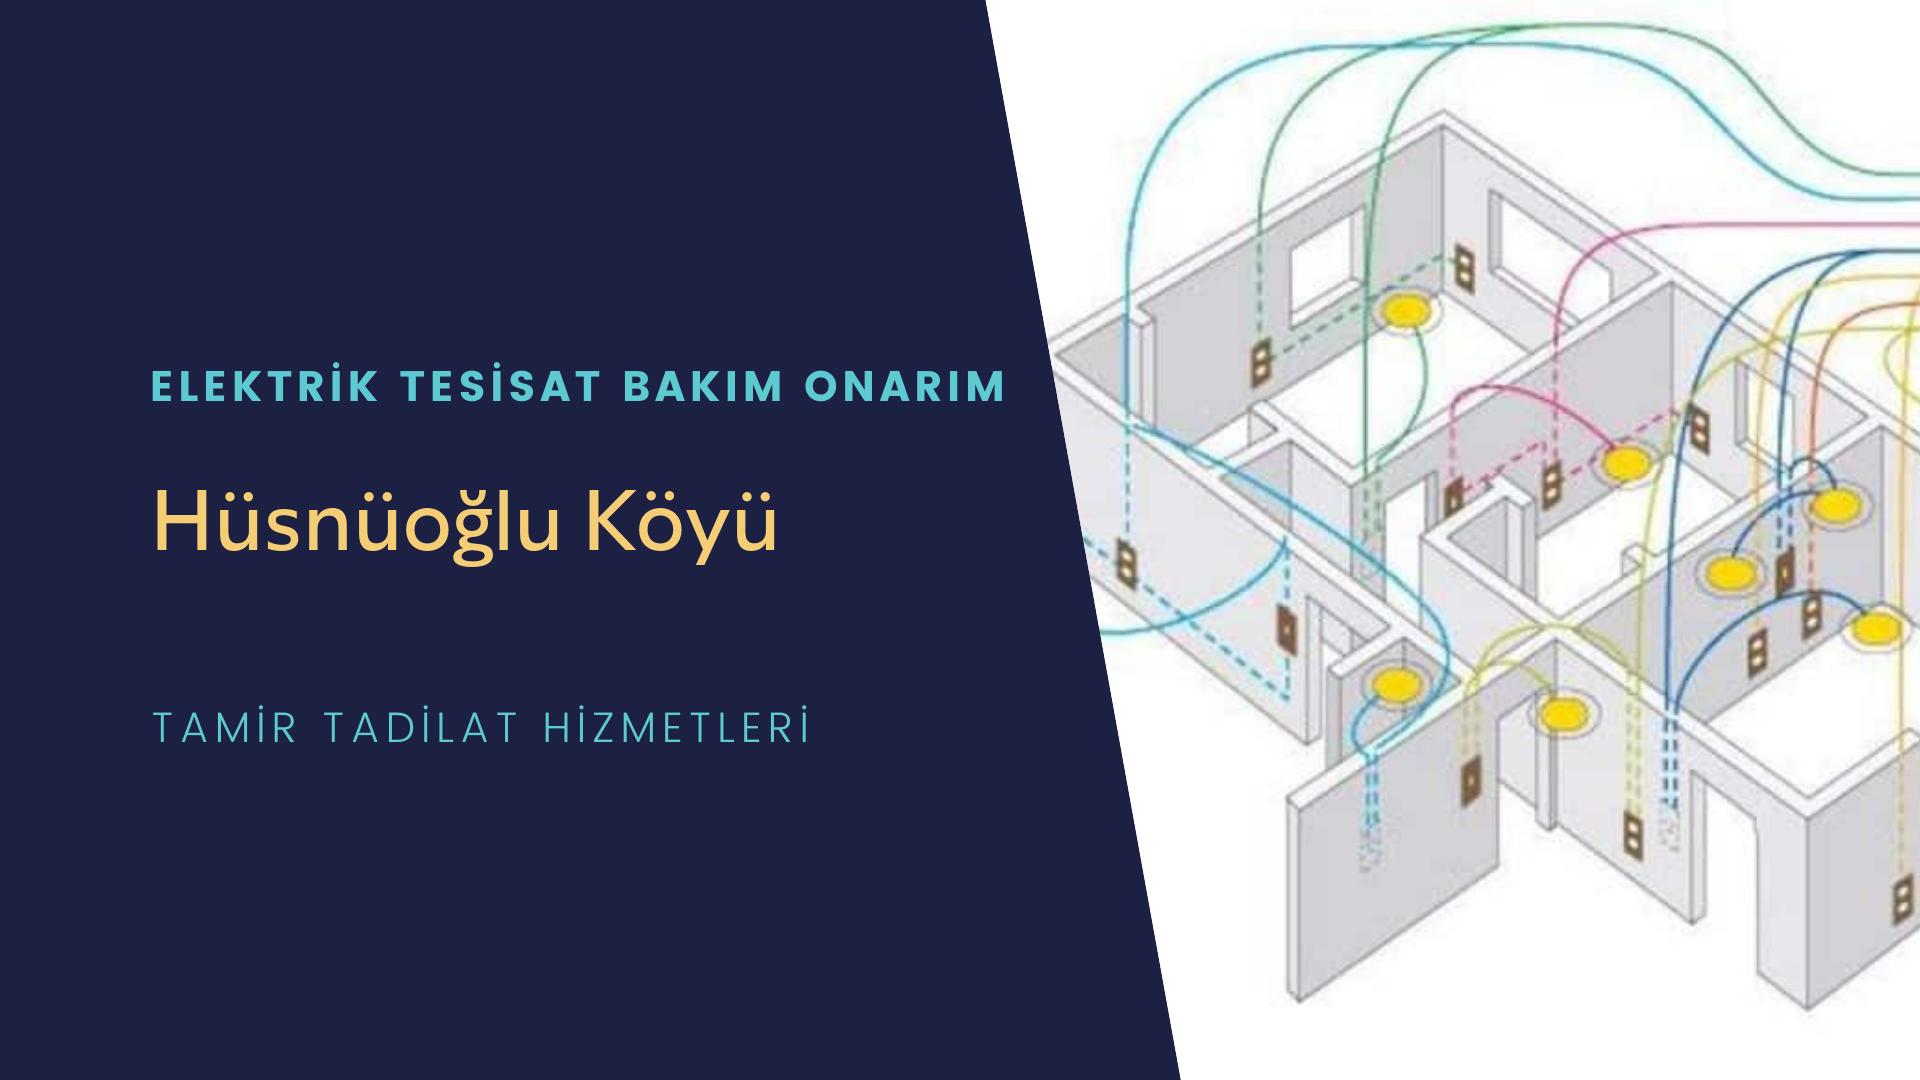 Hüsnüoğlu Köyü  elektrik tesisatıustalarımı arıyorsunuz doğru adrestenizi Hüsnüoğlu Köyü elektrik tesisatı ustalarımız 7/24 sizlere hizmet vermekten mutluluk duyar.